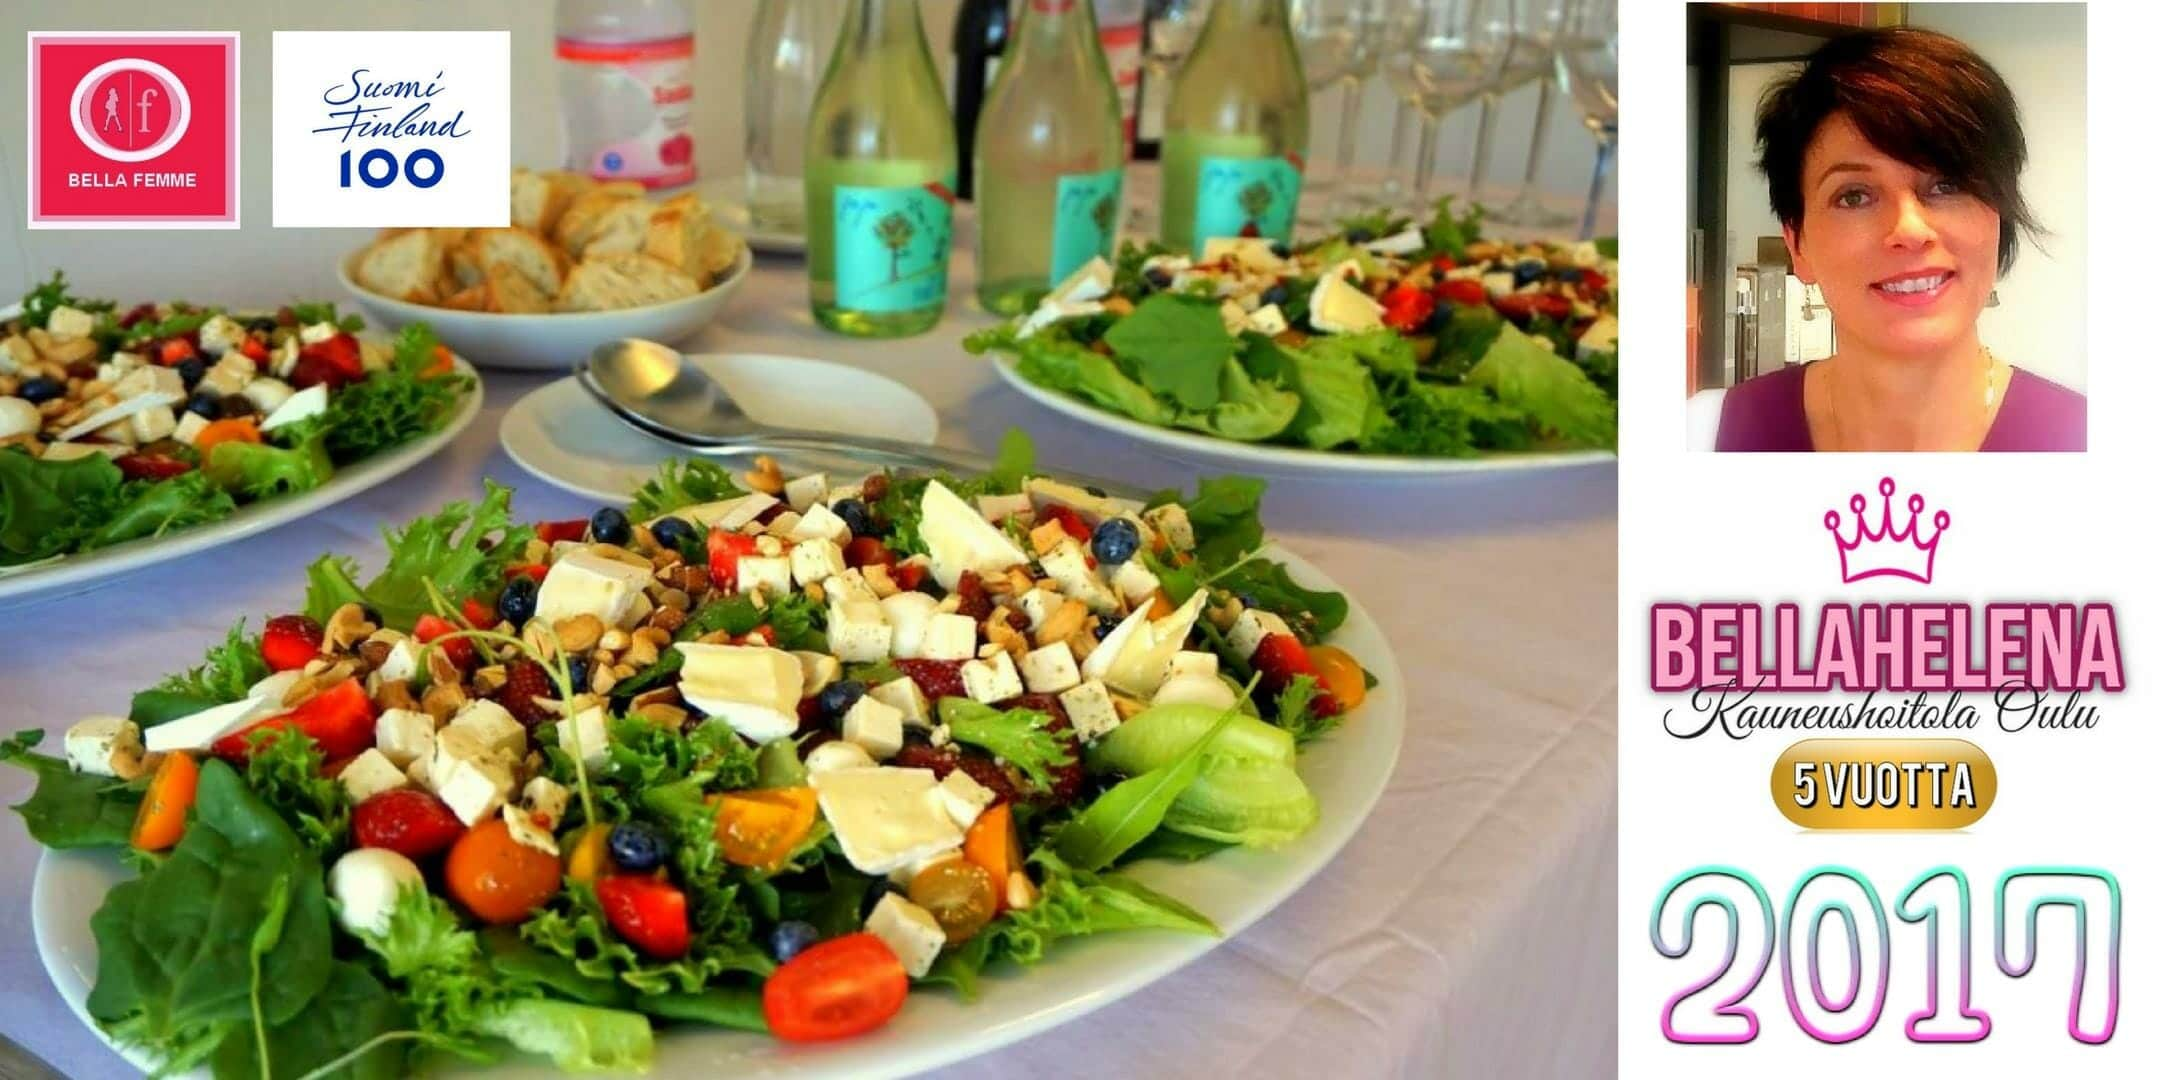 BellaFemme Event Photo Salads 2160 x 1080 jpg Kauneushoitola BellaHelena Oulu - Kauneushoitola BellaHelena 5 Vuotta Kauneudenhoitoa Oulussa